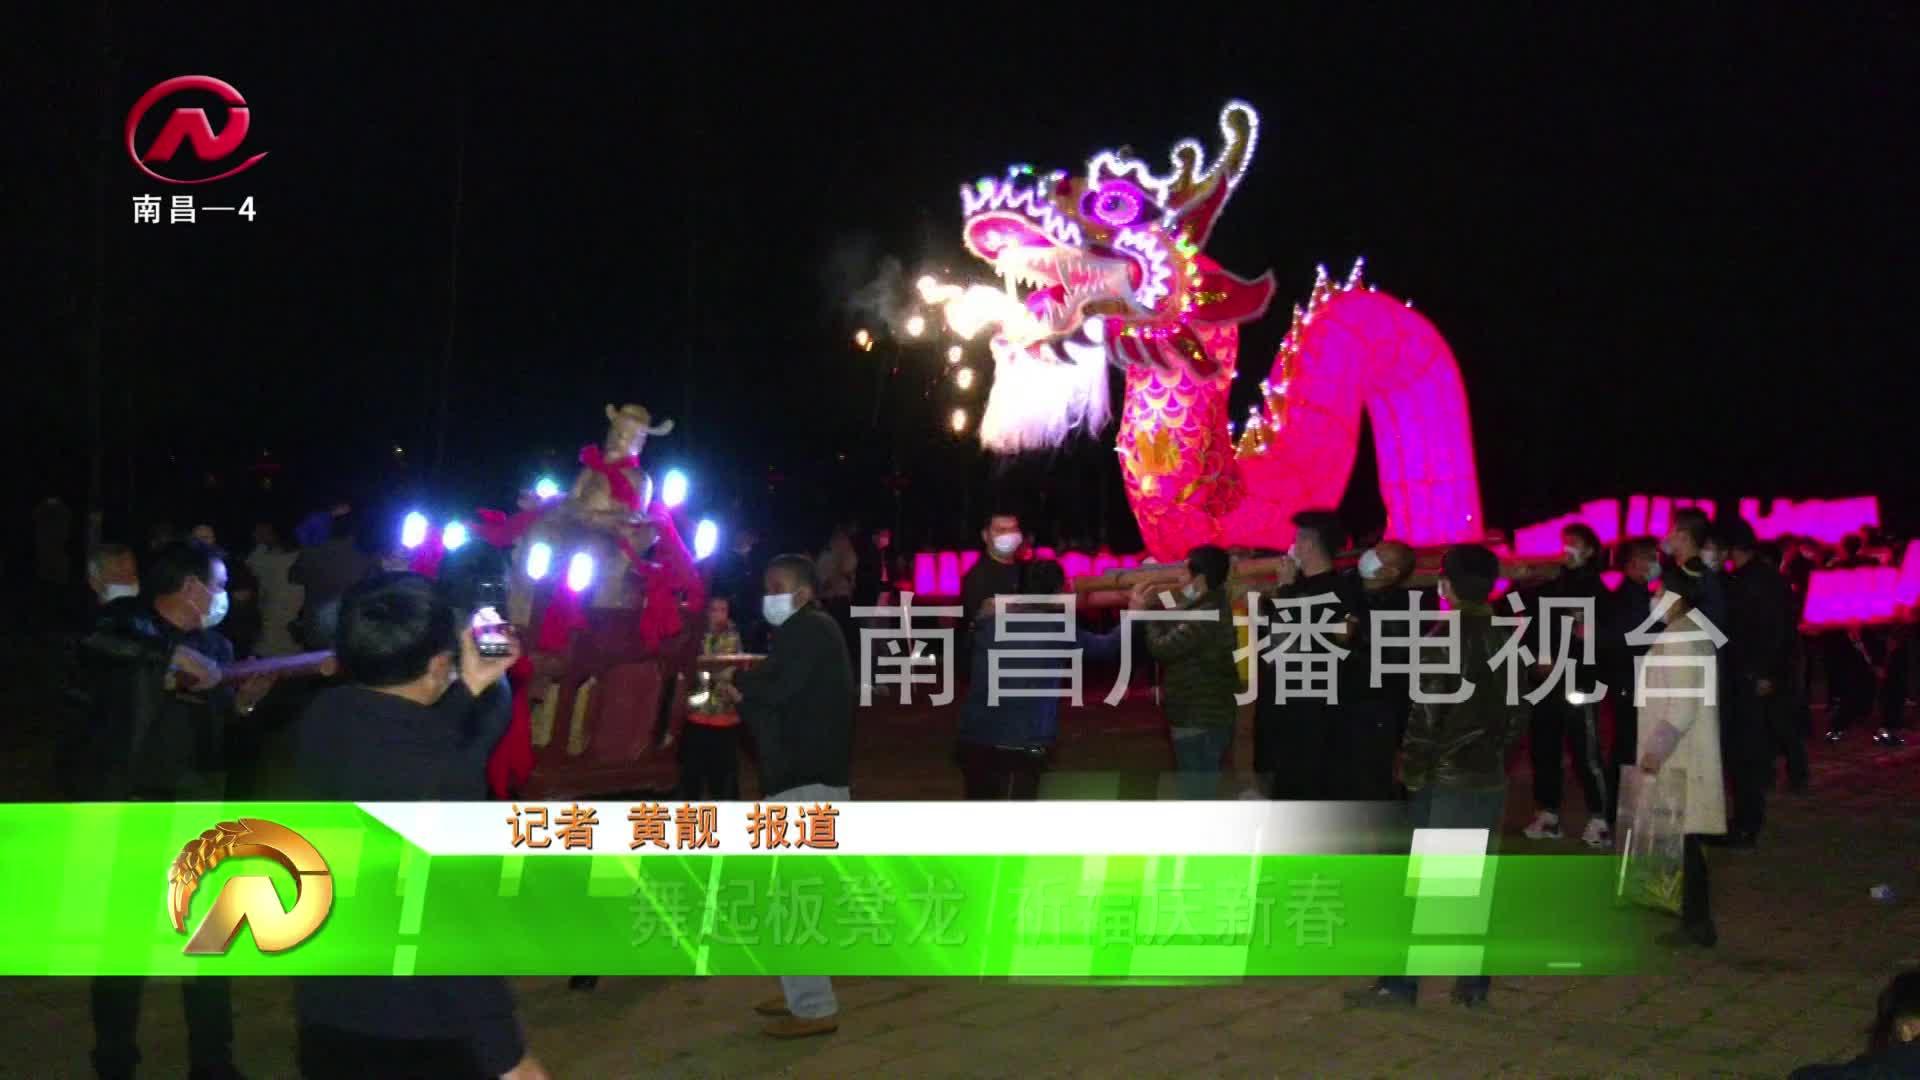 【豫章農視】舞起板凳龍 祈福慶新春